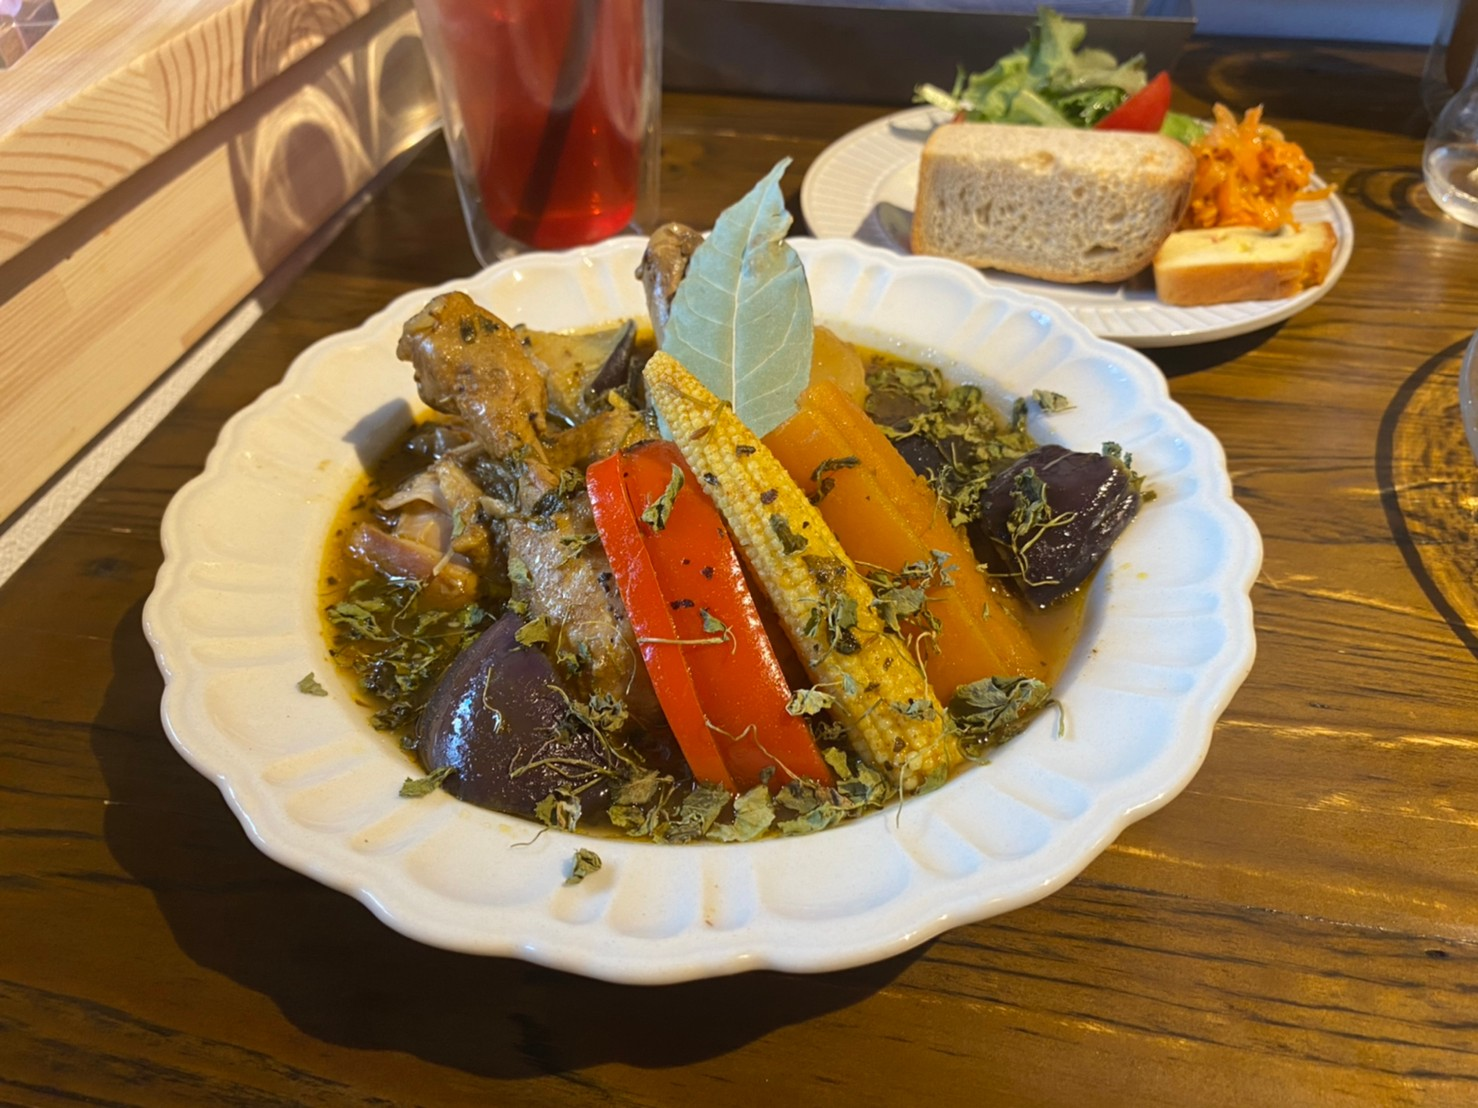 鶴舞|かわいい&美味しいが詰まった素敵空間♩具沢山スープランチとスイーツがいただけるカフェ